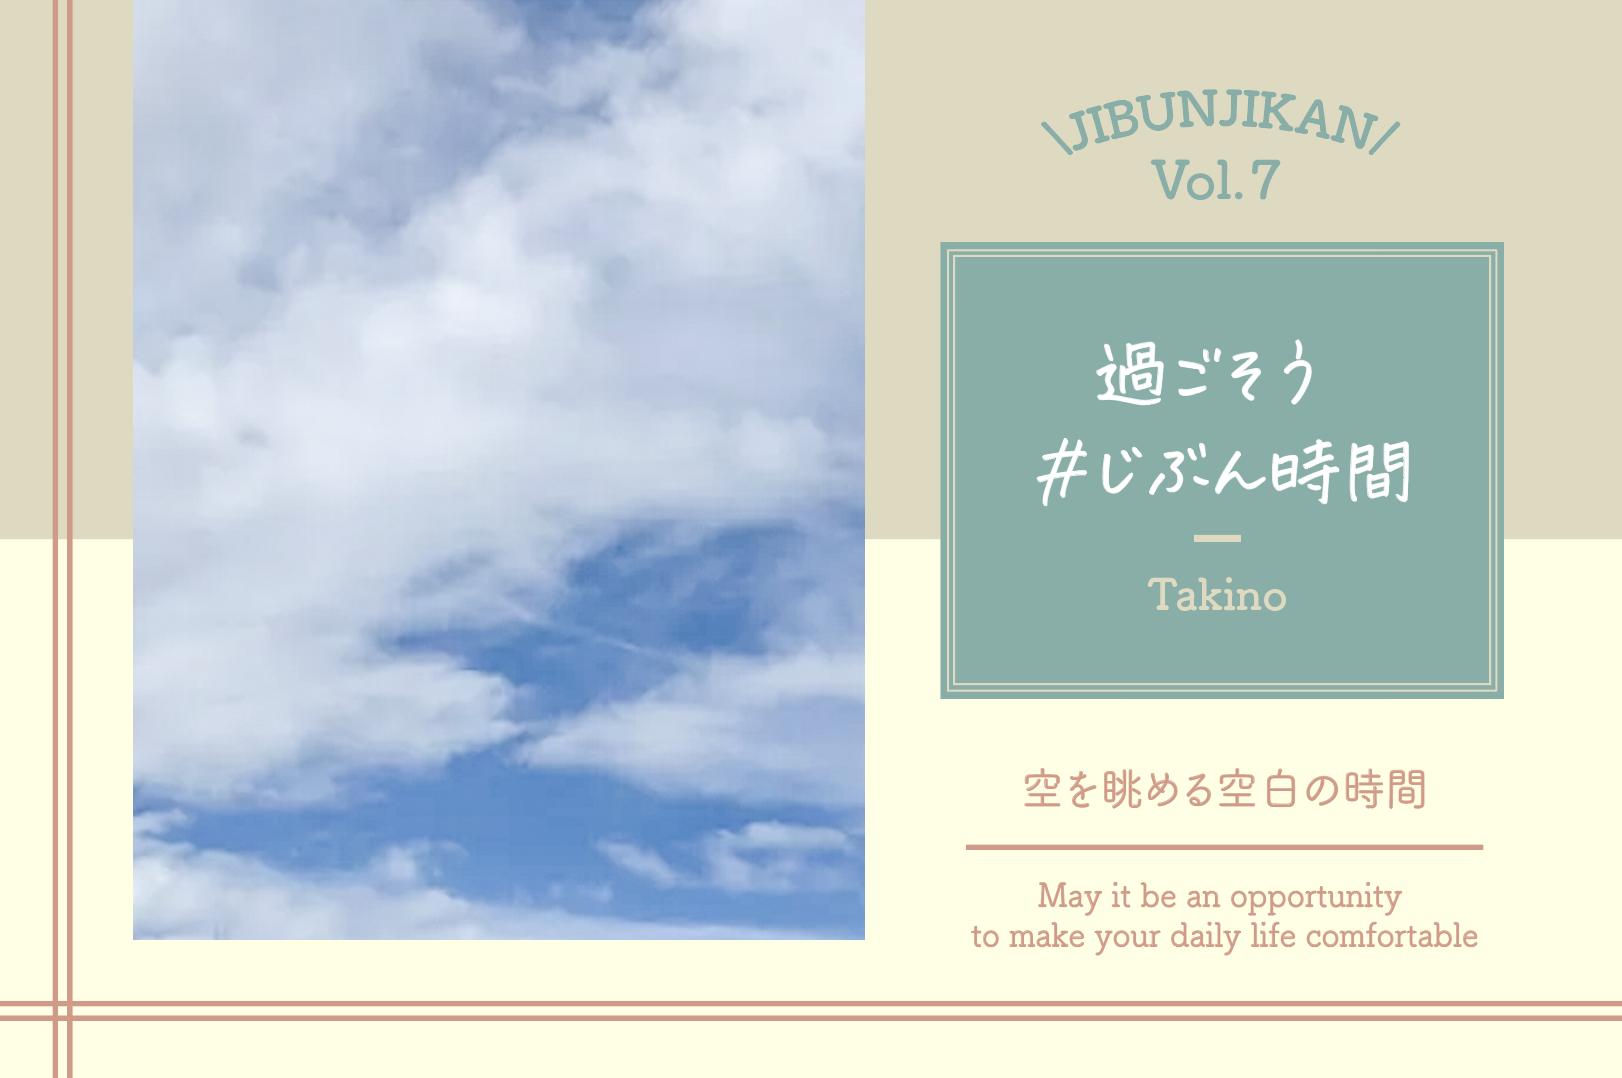 【過ごそう #じぶん時間 Vol.7】空を眺める空白の時間